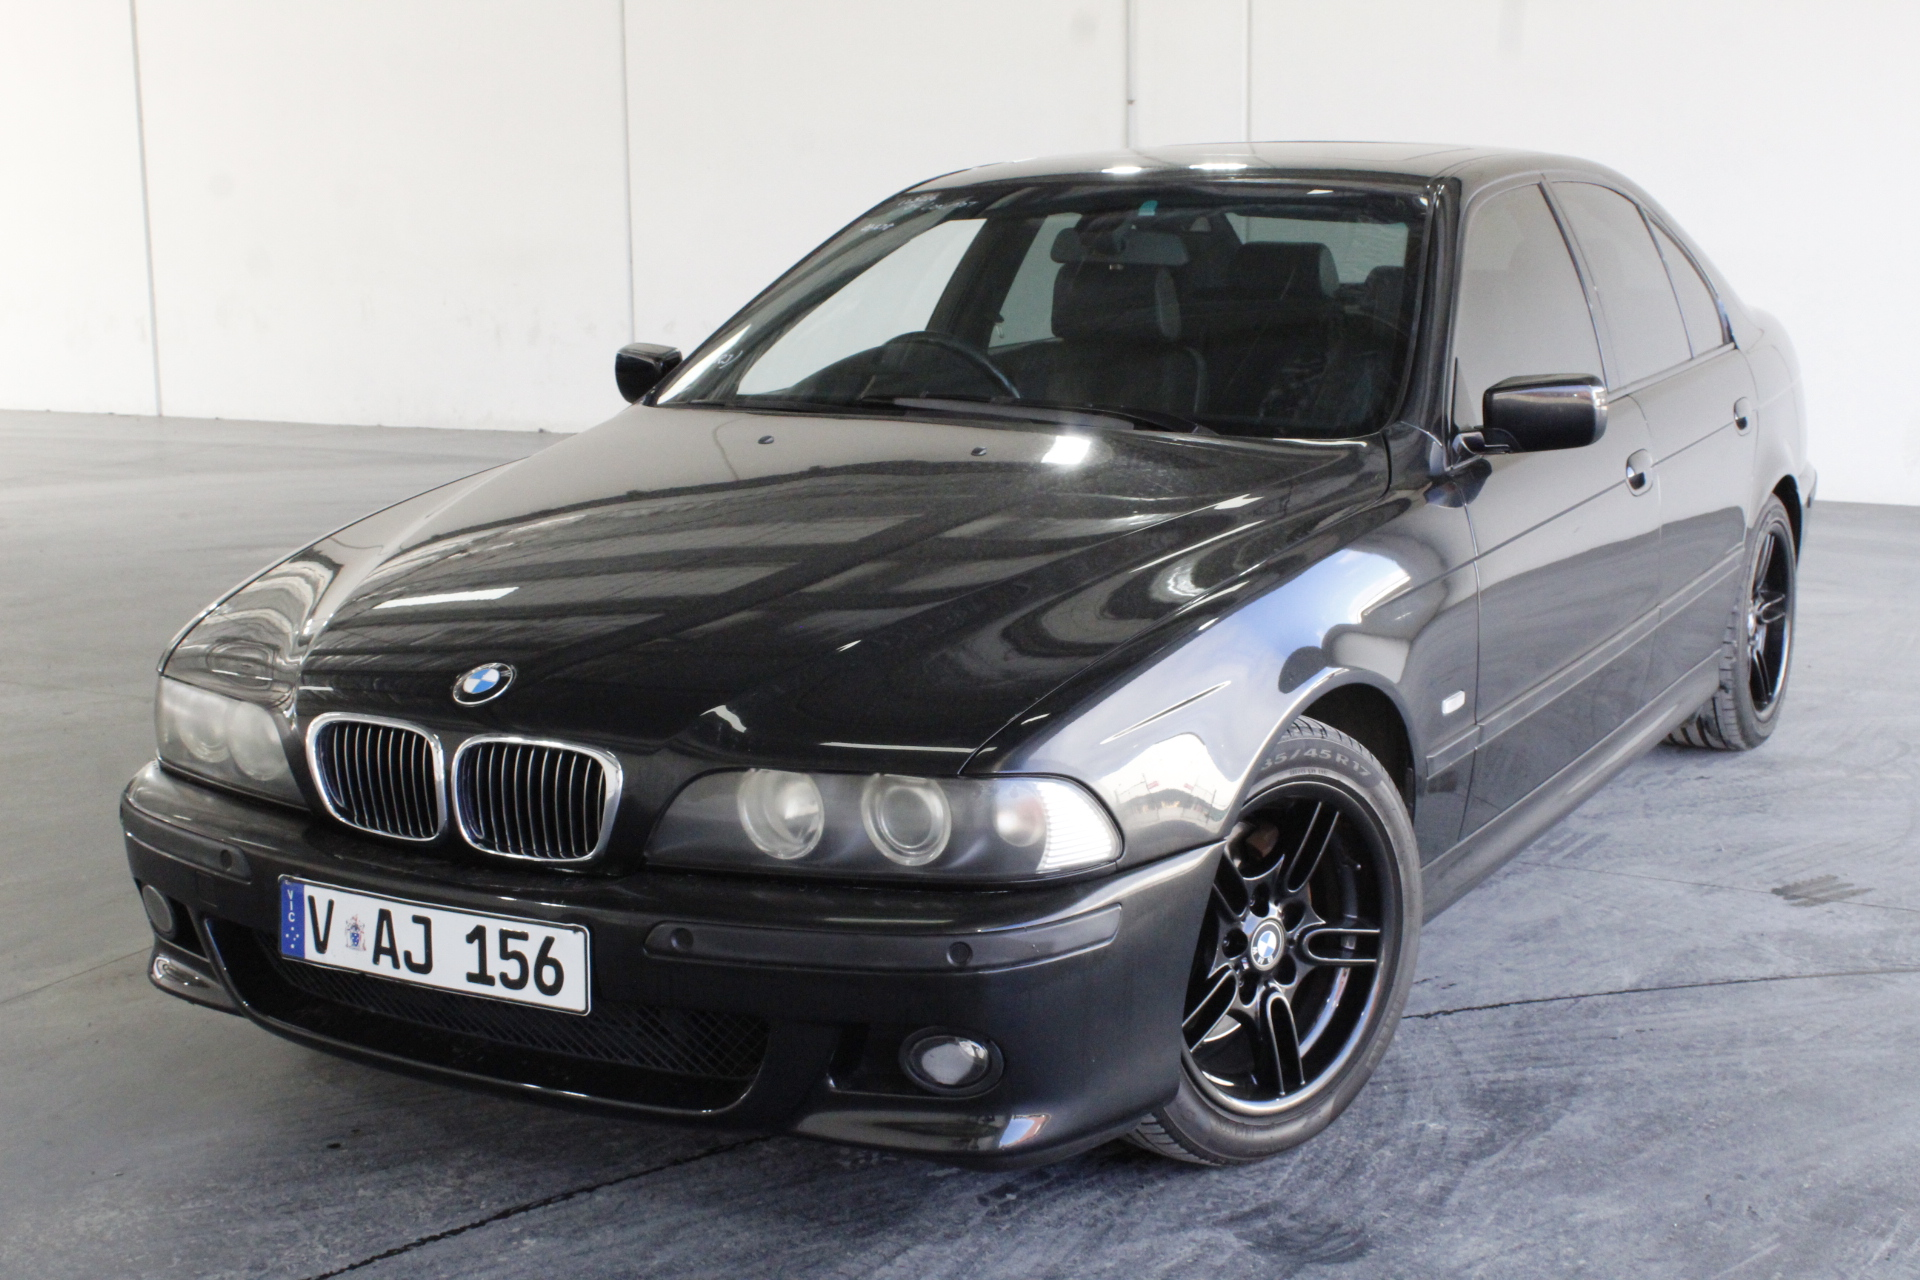 2003 BMW 5 40i M Sport High Tech E39 Auto Sedan, RWC issued15/072020